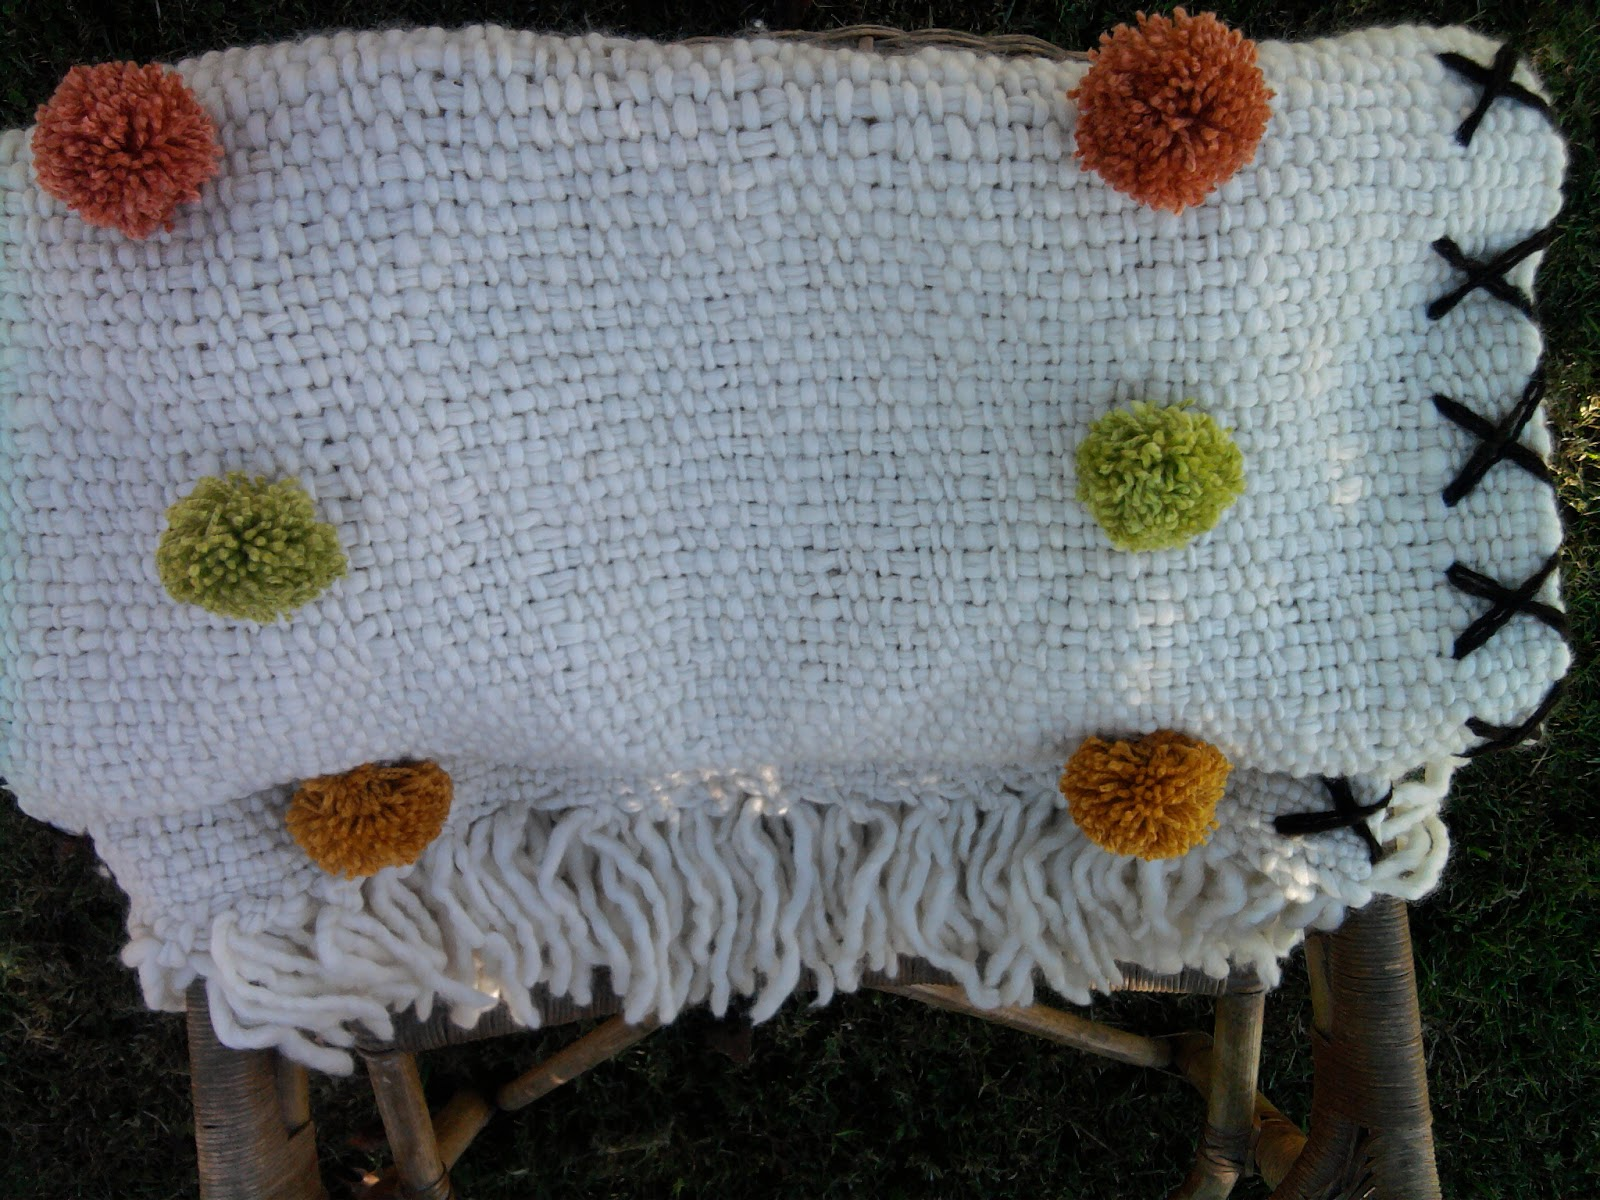 Mantas y pie de cama de lana bordados tati lenguas - Mantas pie de cama ...